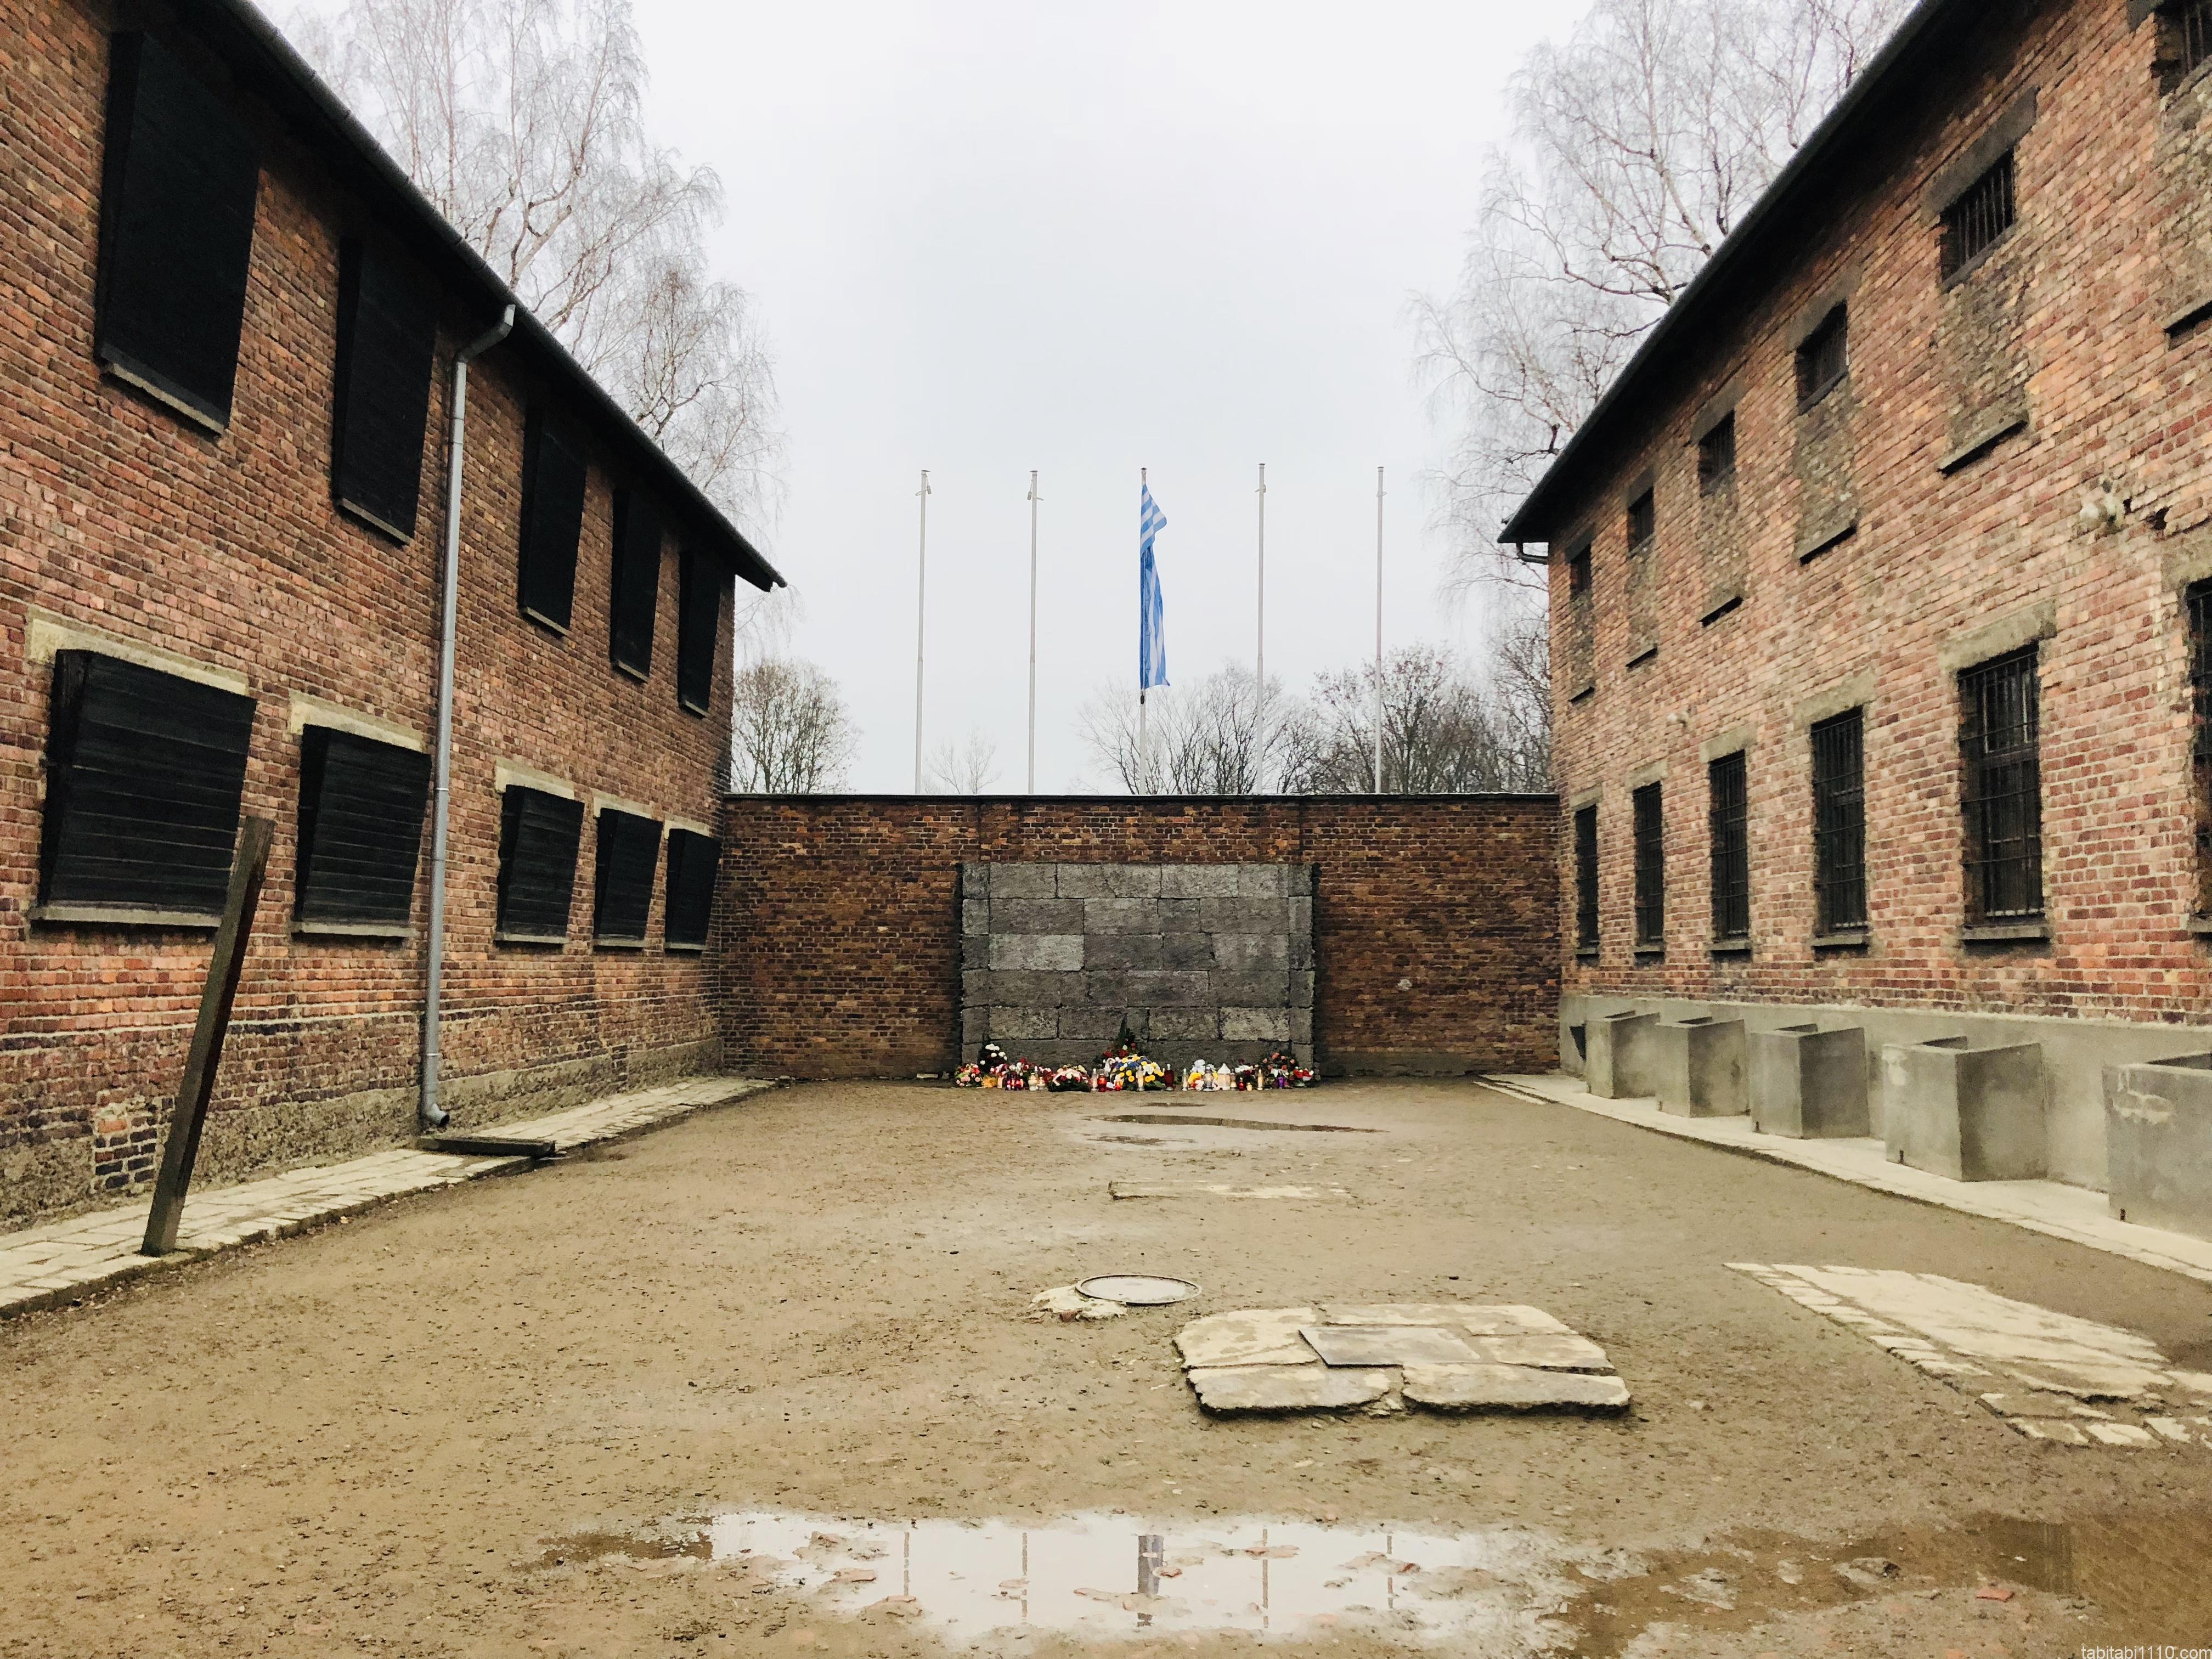 アウシュビッツ強制収容所|死の壁